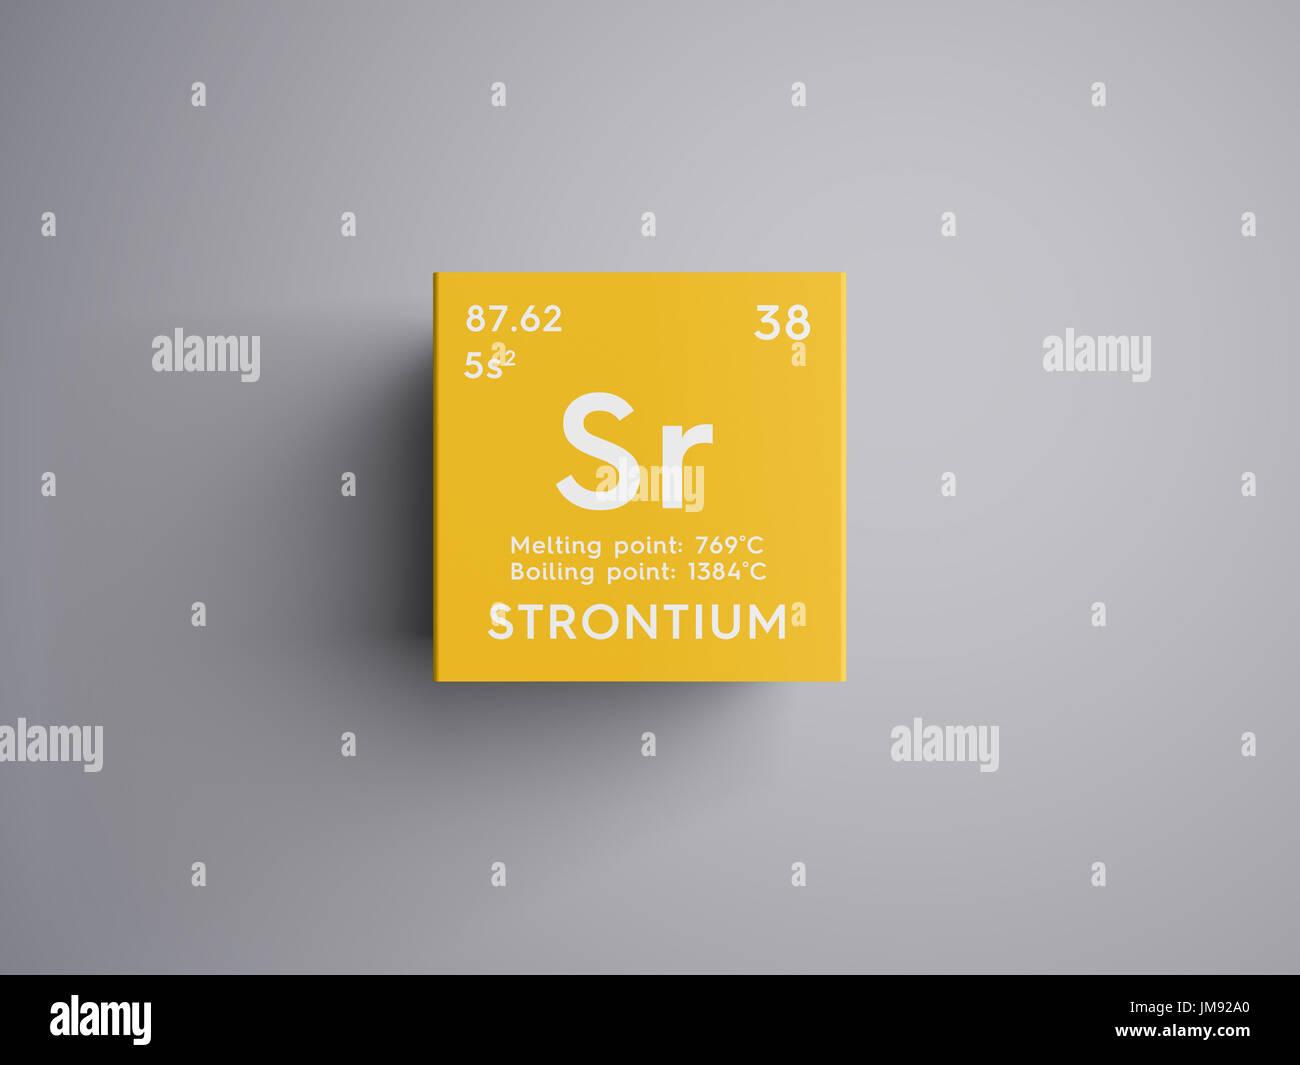 Strontium alkaline earth metals chemical element of mendeleevs alkaline earth metals chemical element of mendeleevs periodic table strontium in square cube creative concept urtaz Images